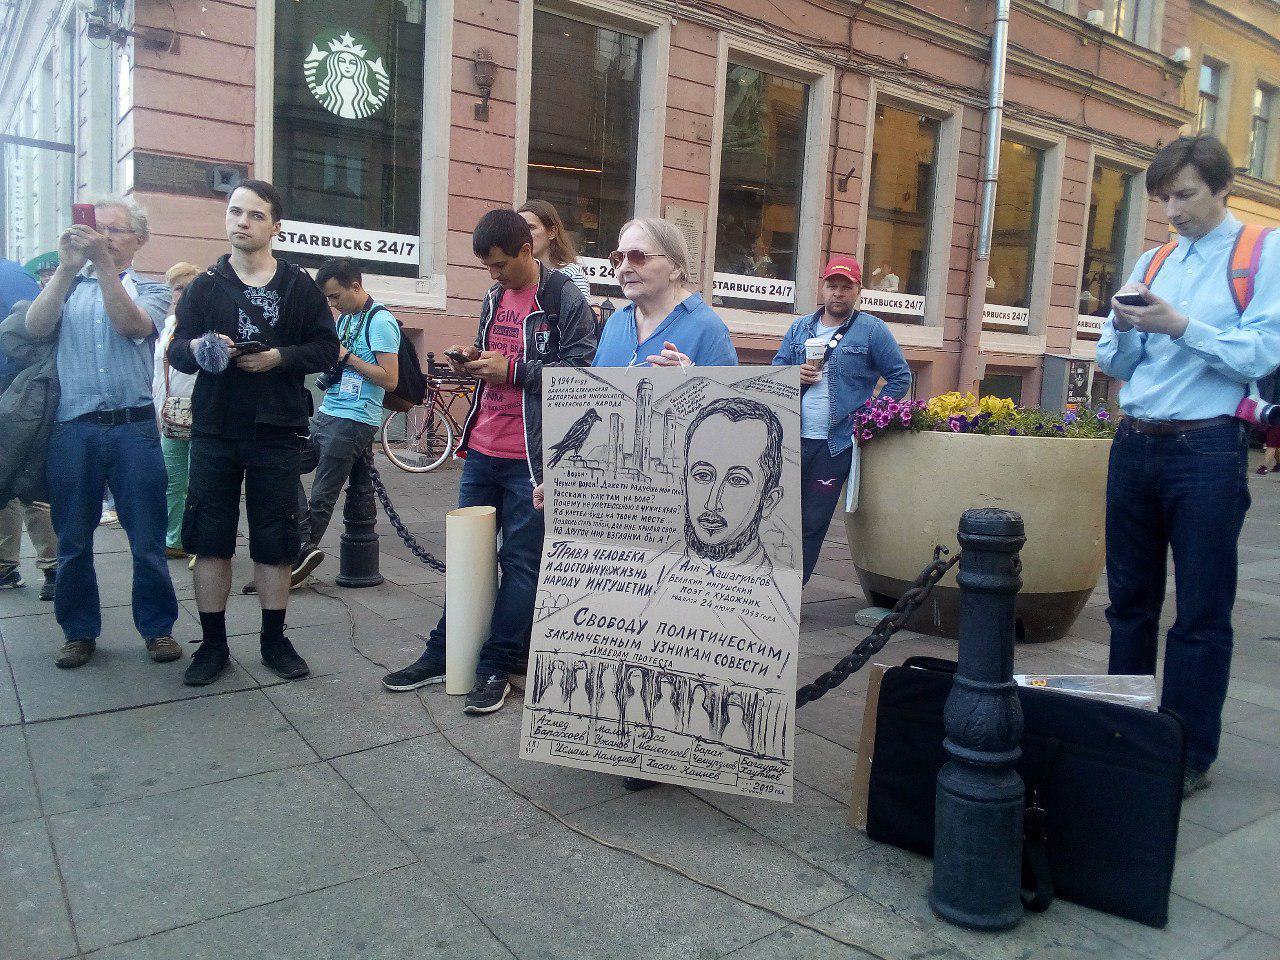 фото ЗакС политика Пикеты в поддержку политзаключенных продолжились на Малой Садовой улице